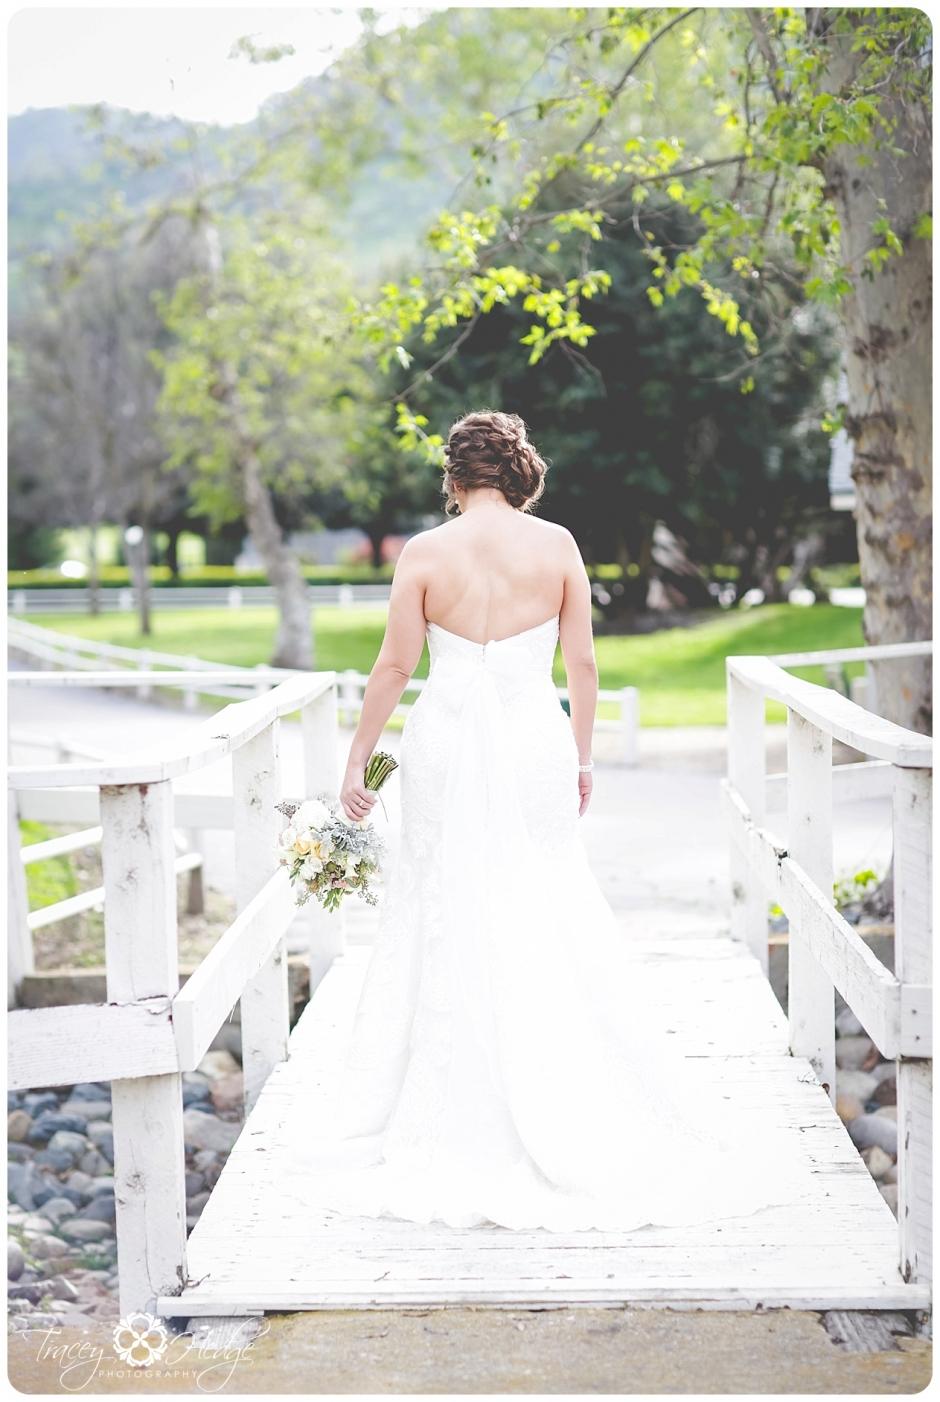 Kevan and Alicia Wedding at Wonder Valley Ranch_0010.jpg